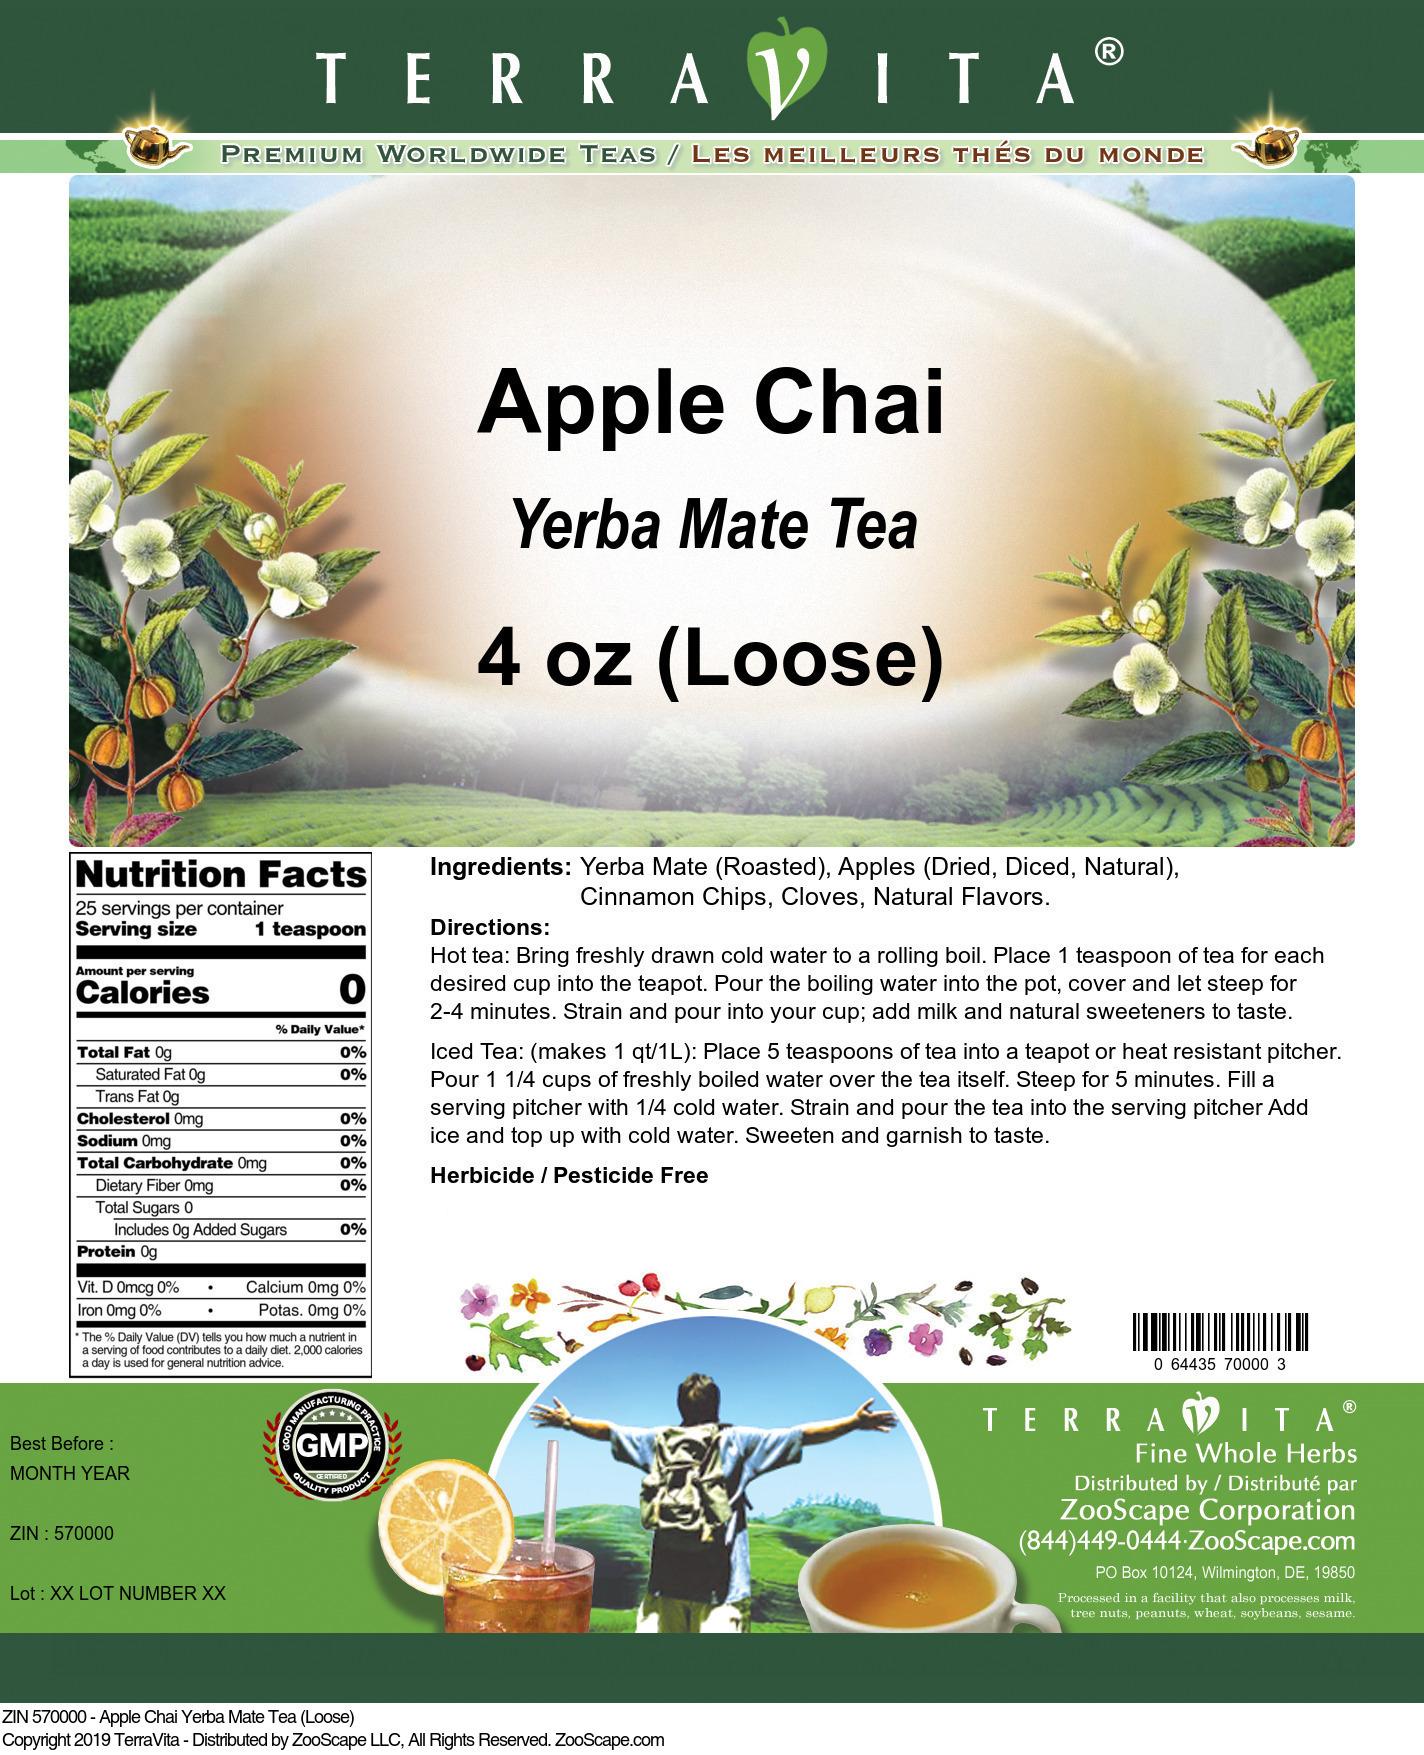 Apple Chai Yerba Mate Tea (Loose)